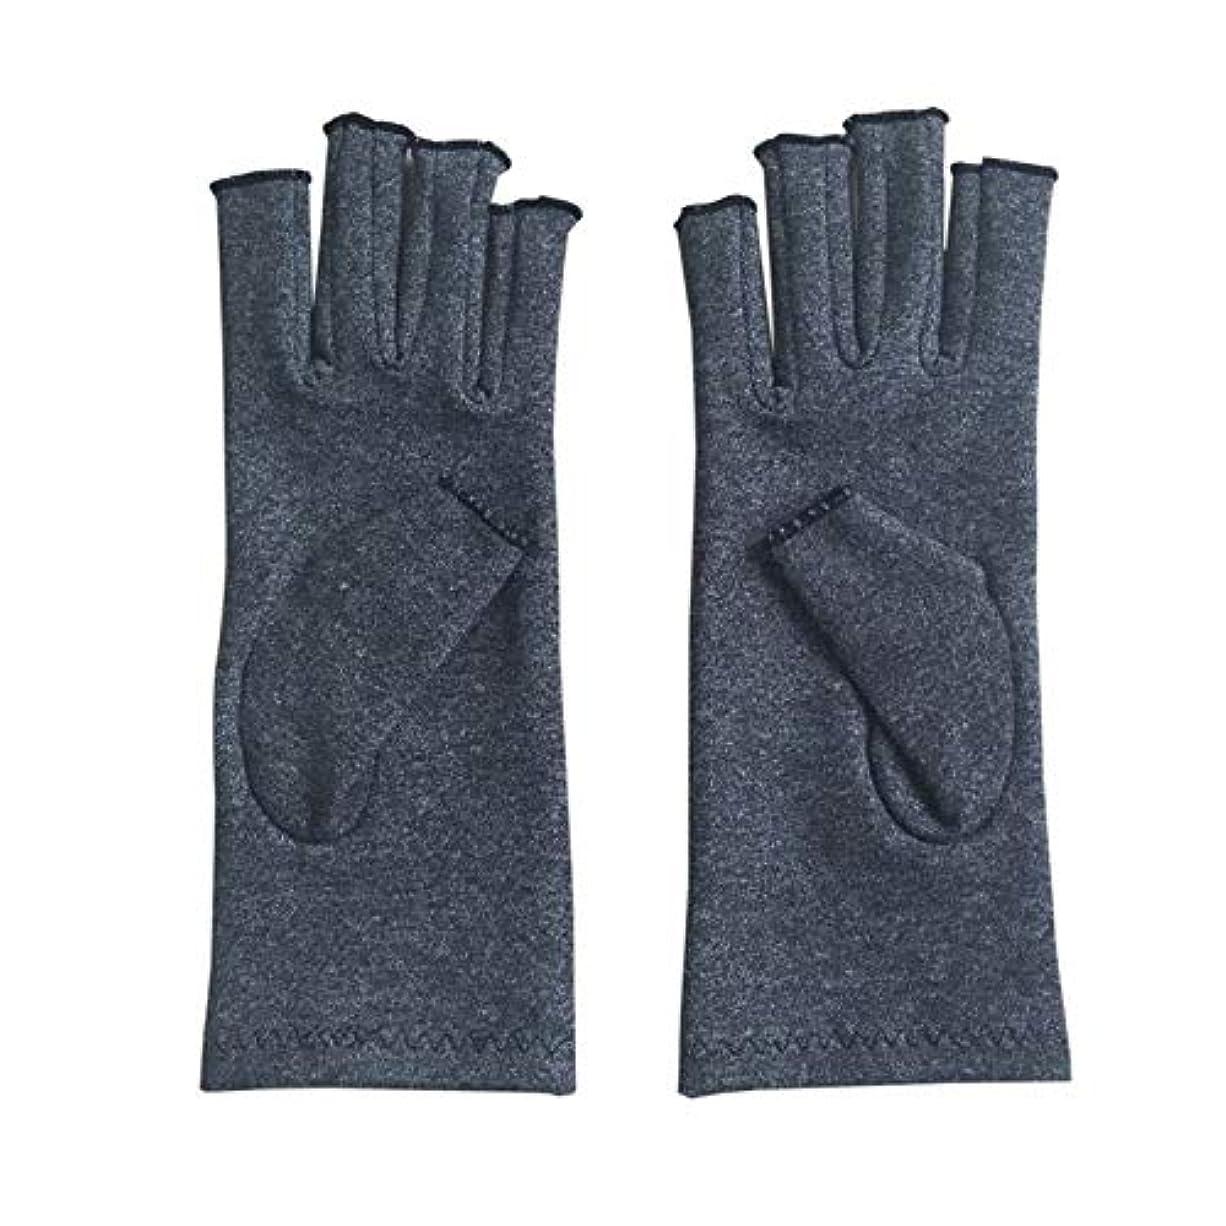 つかの間注釈ジュニアペア/セット快適な男性女性療法圧縮手袋無地通気性関節炎関節痛緩和手袋 - グレーM